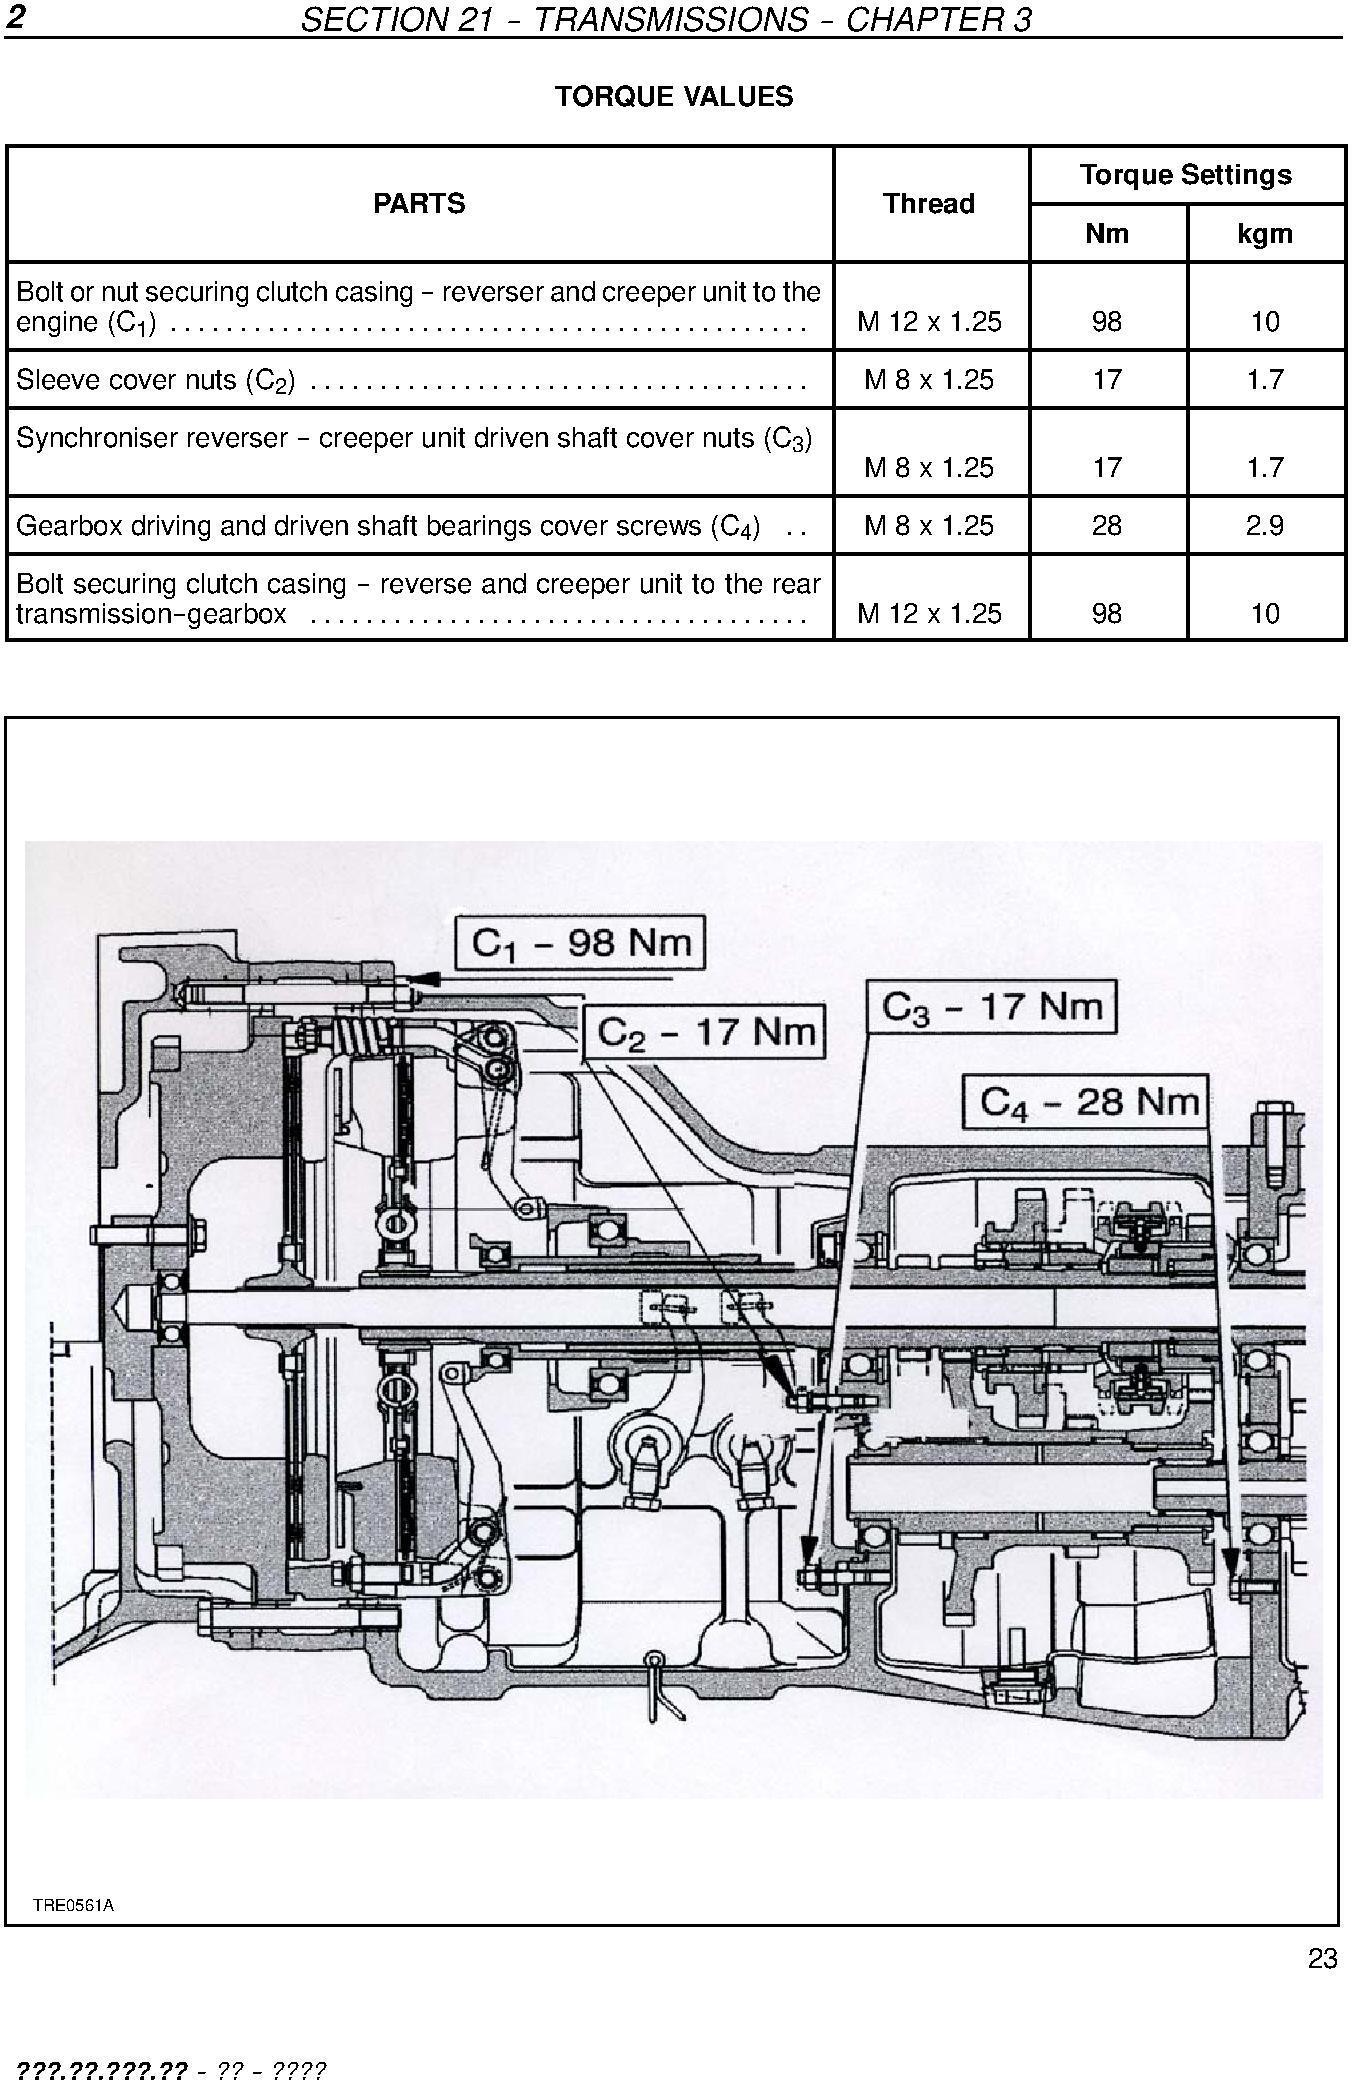 New Holland TD60, TD70, TD80, TD90, TD95 Straddle Mount Model Tractors Service Manual - 2